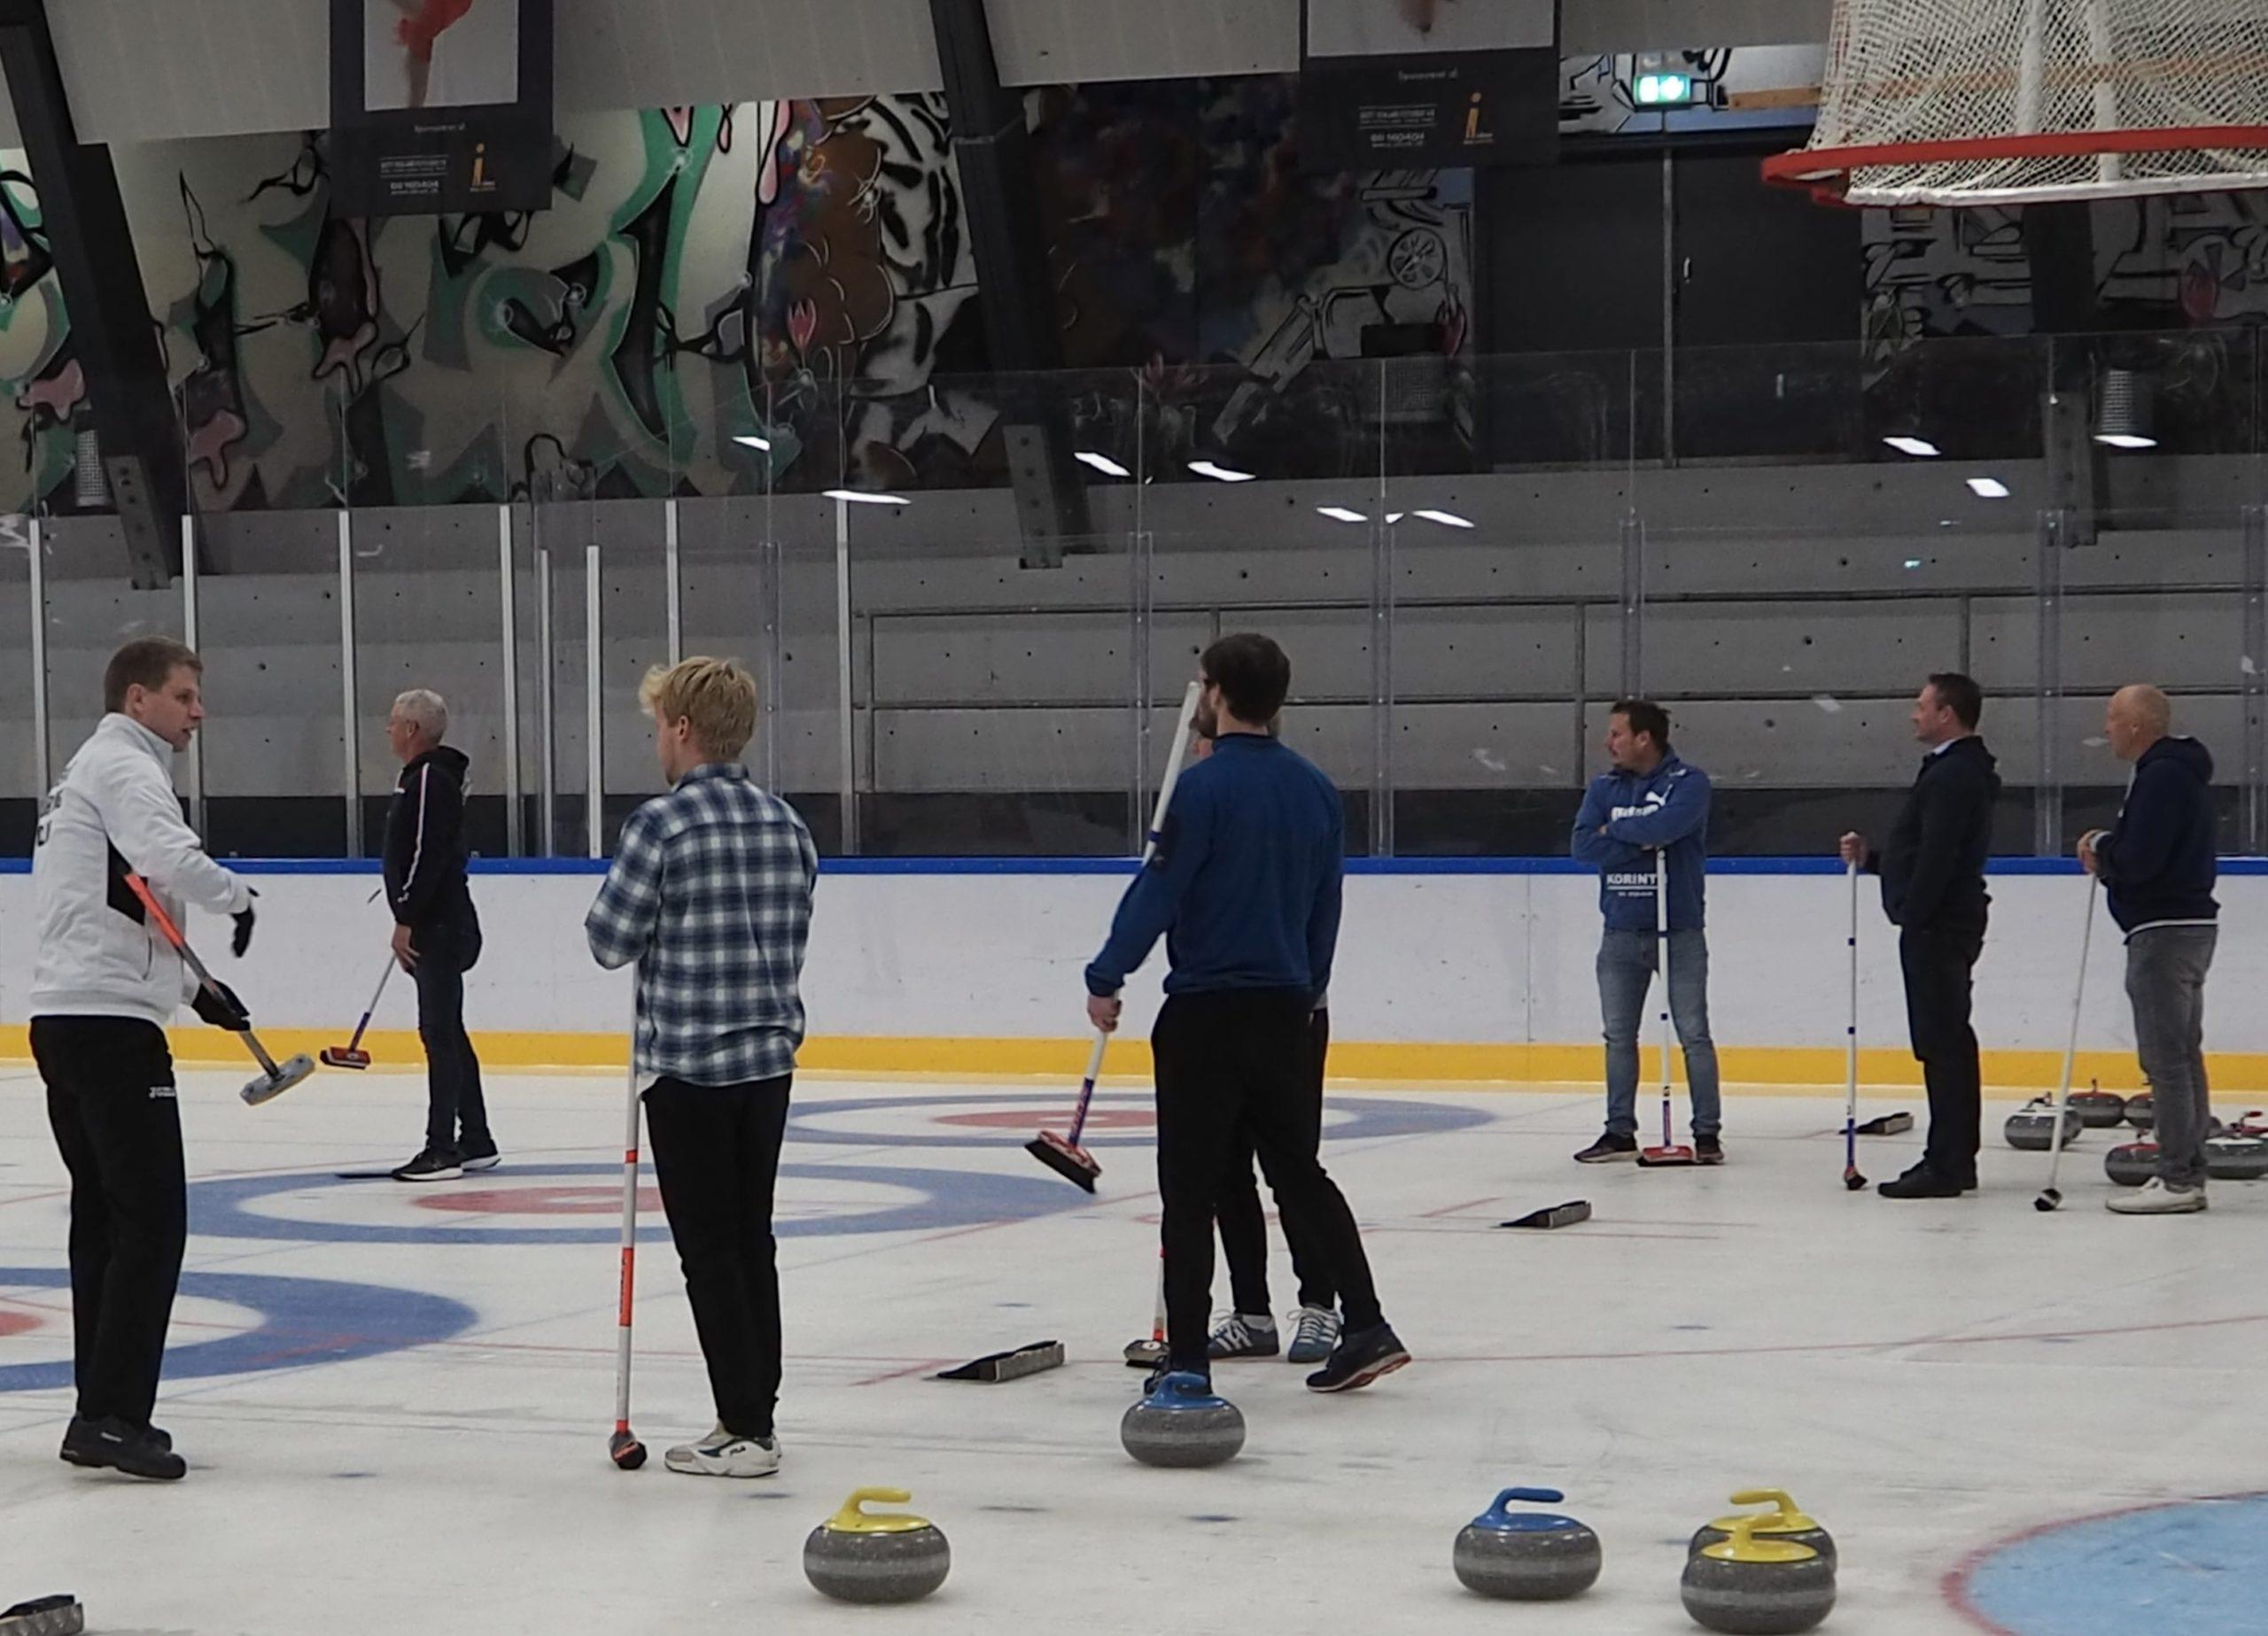 Spil curling i din lokale klub